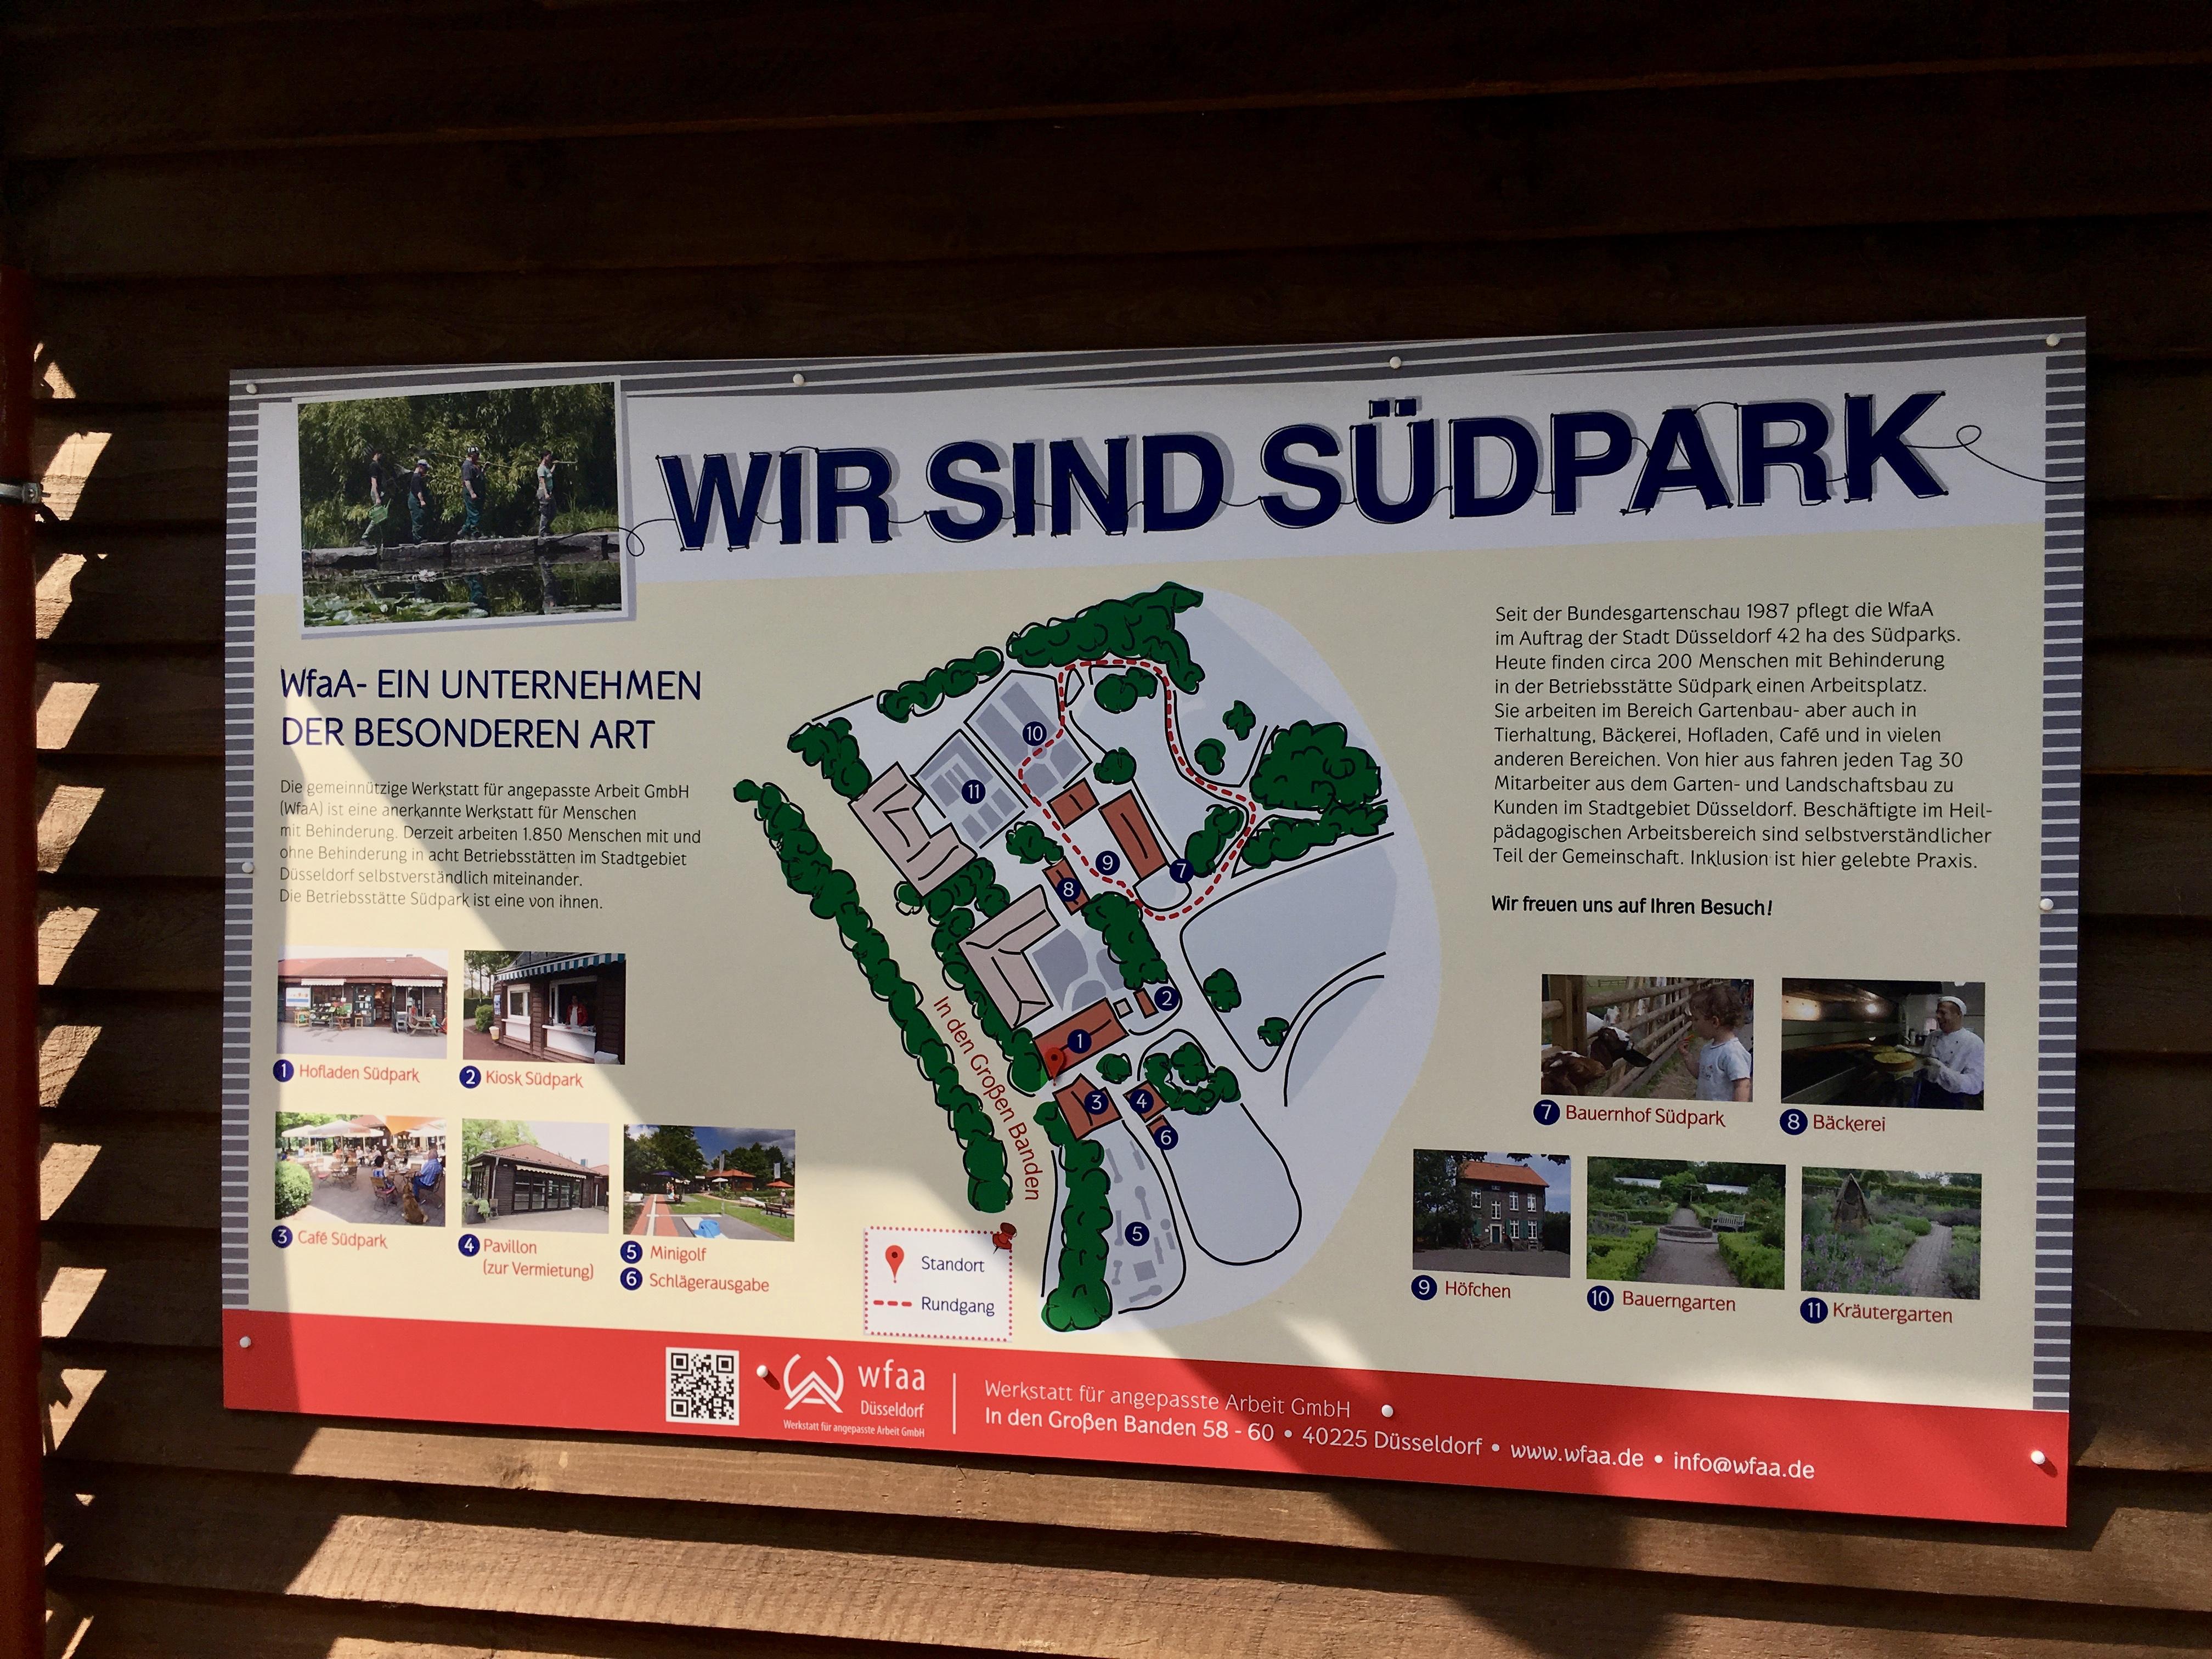 Spielplatz, Café und Streichelzoo im Südpark Spielplatz, Café und Streichelzoo im Südpark